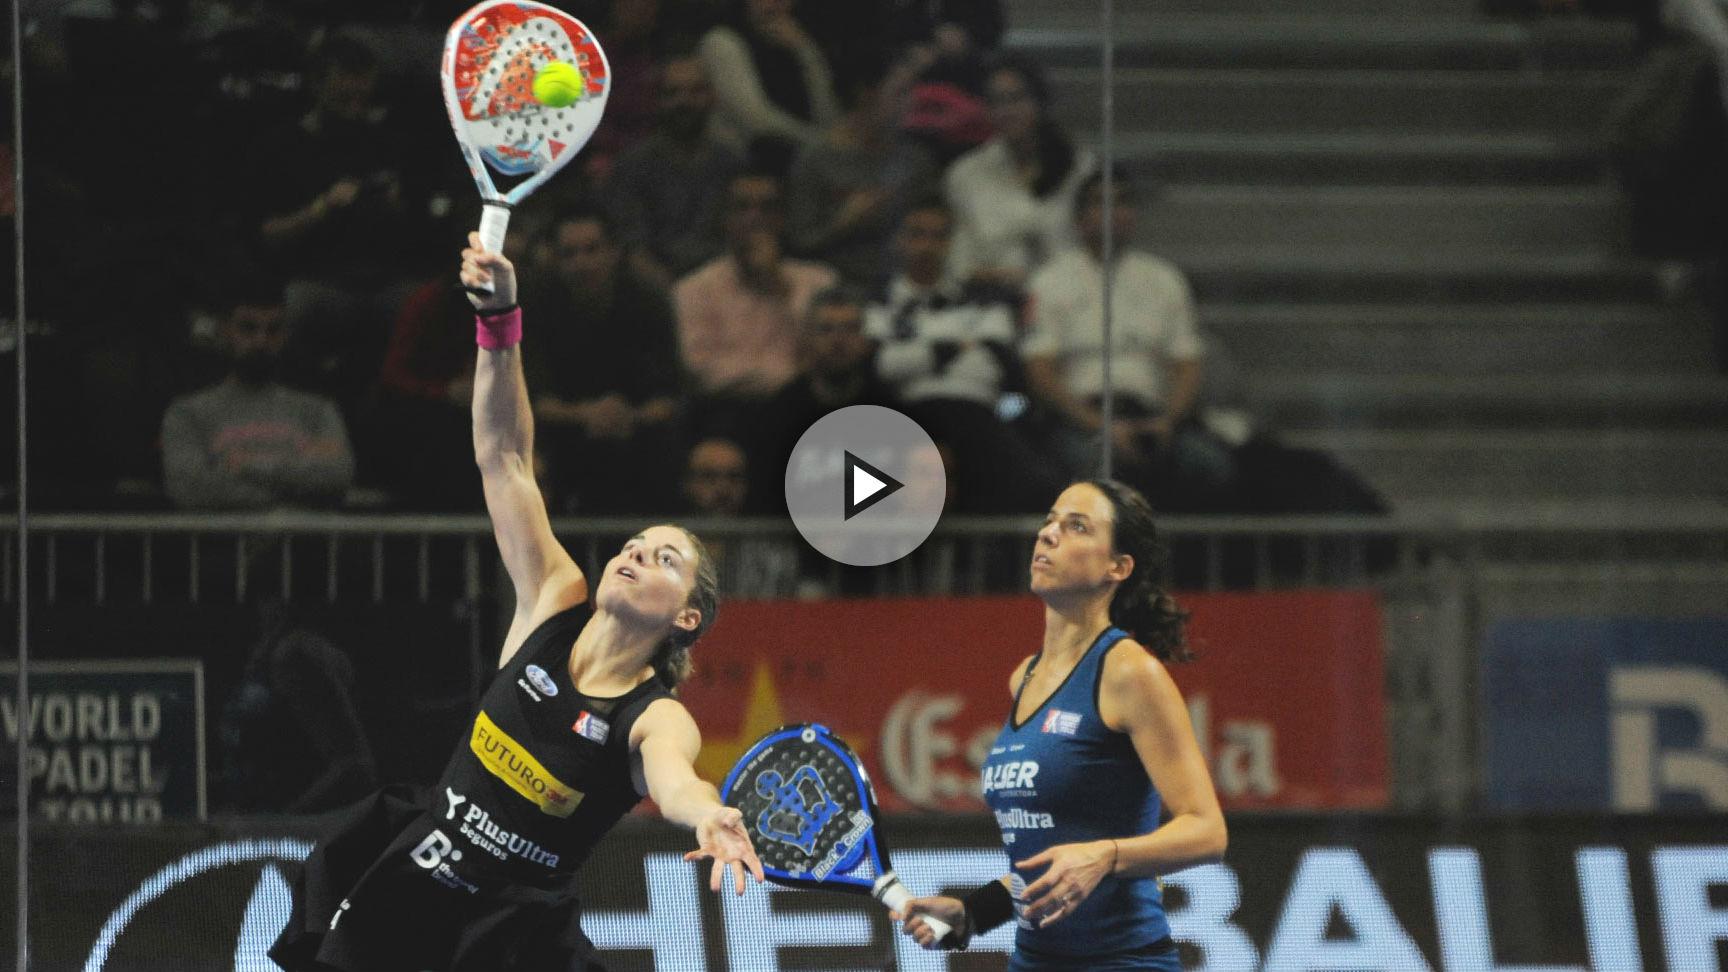 Ale Salazar y Marta Marrero pasan invictas a las semifinales del Estrella Damm Master Final. (worldpadeltour)